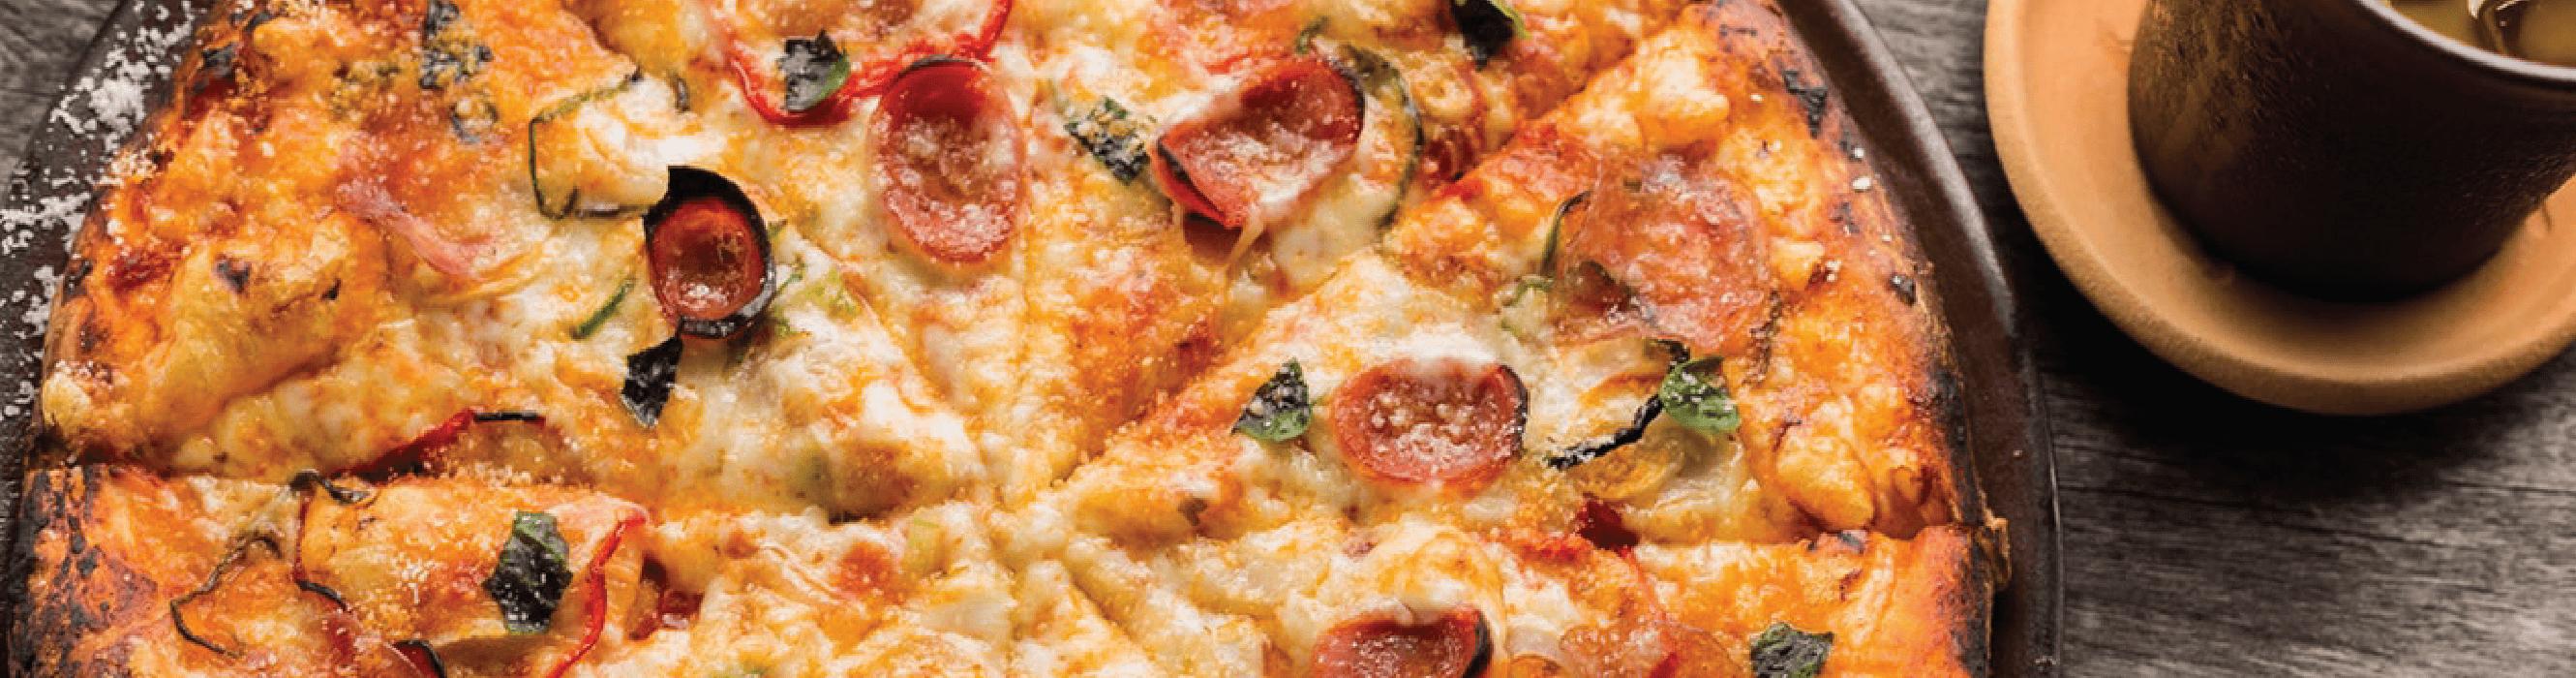 pizza de calabresa com muito queijo.